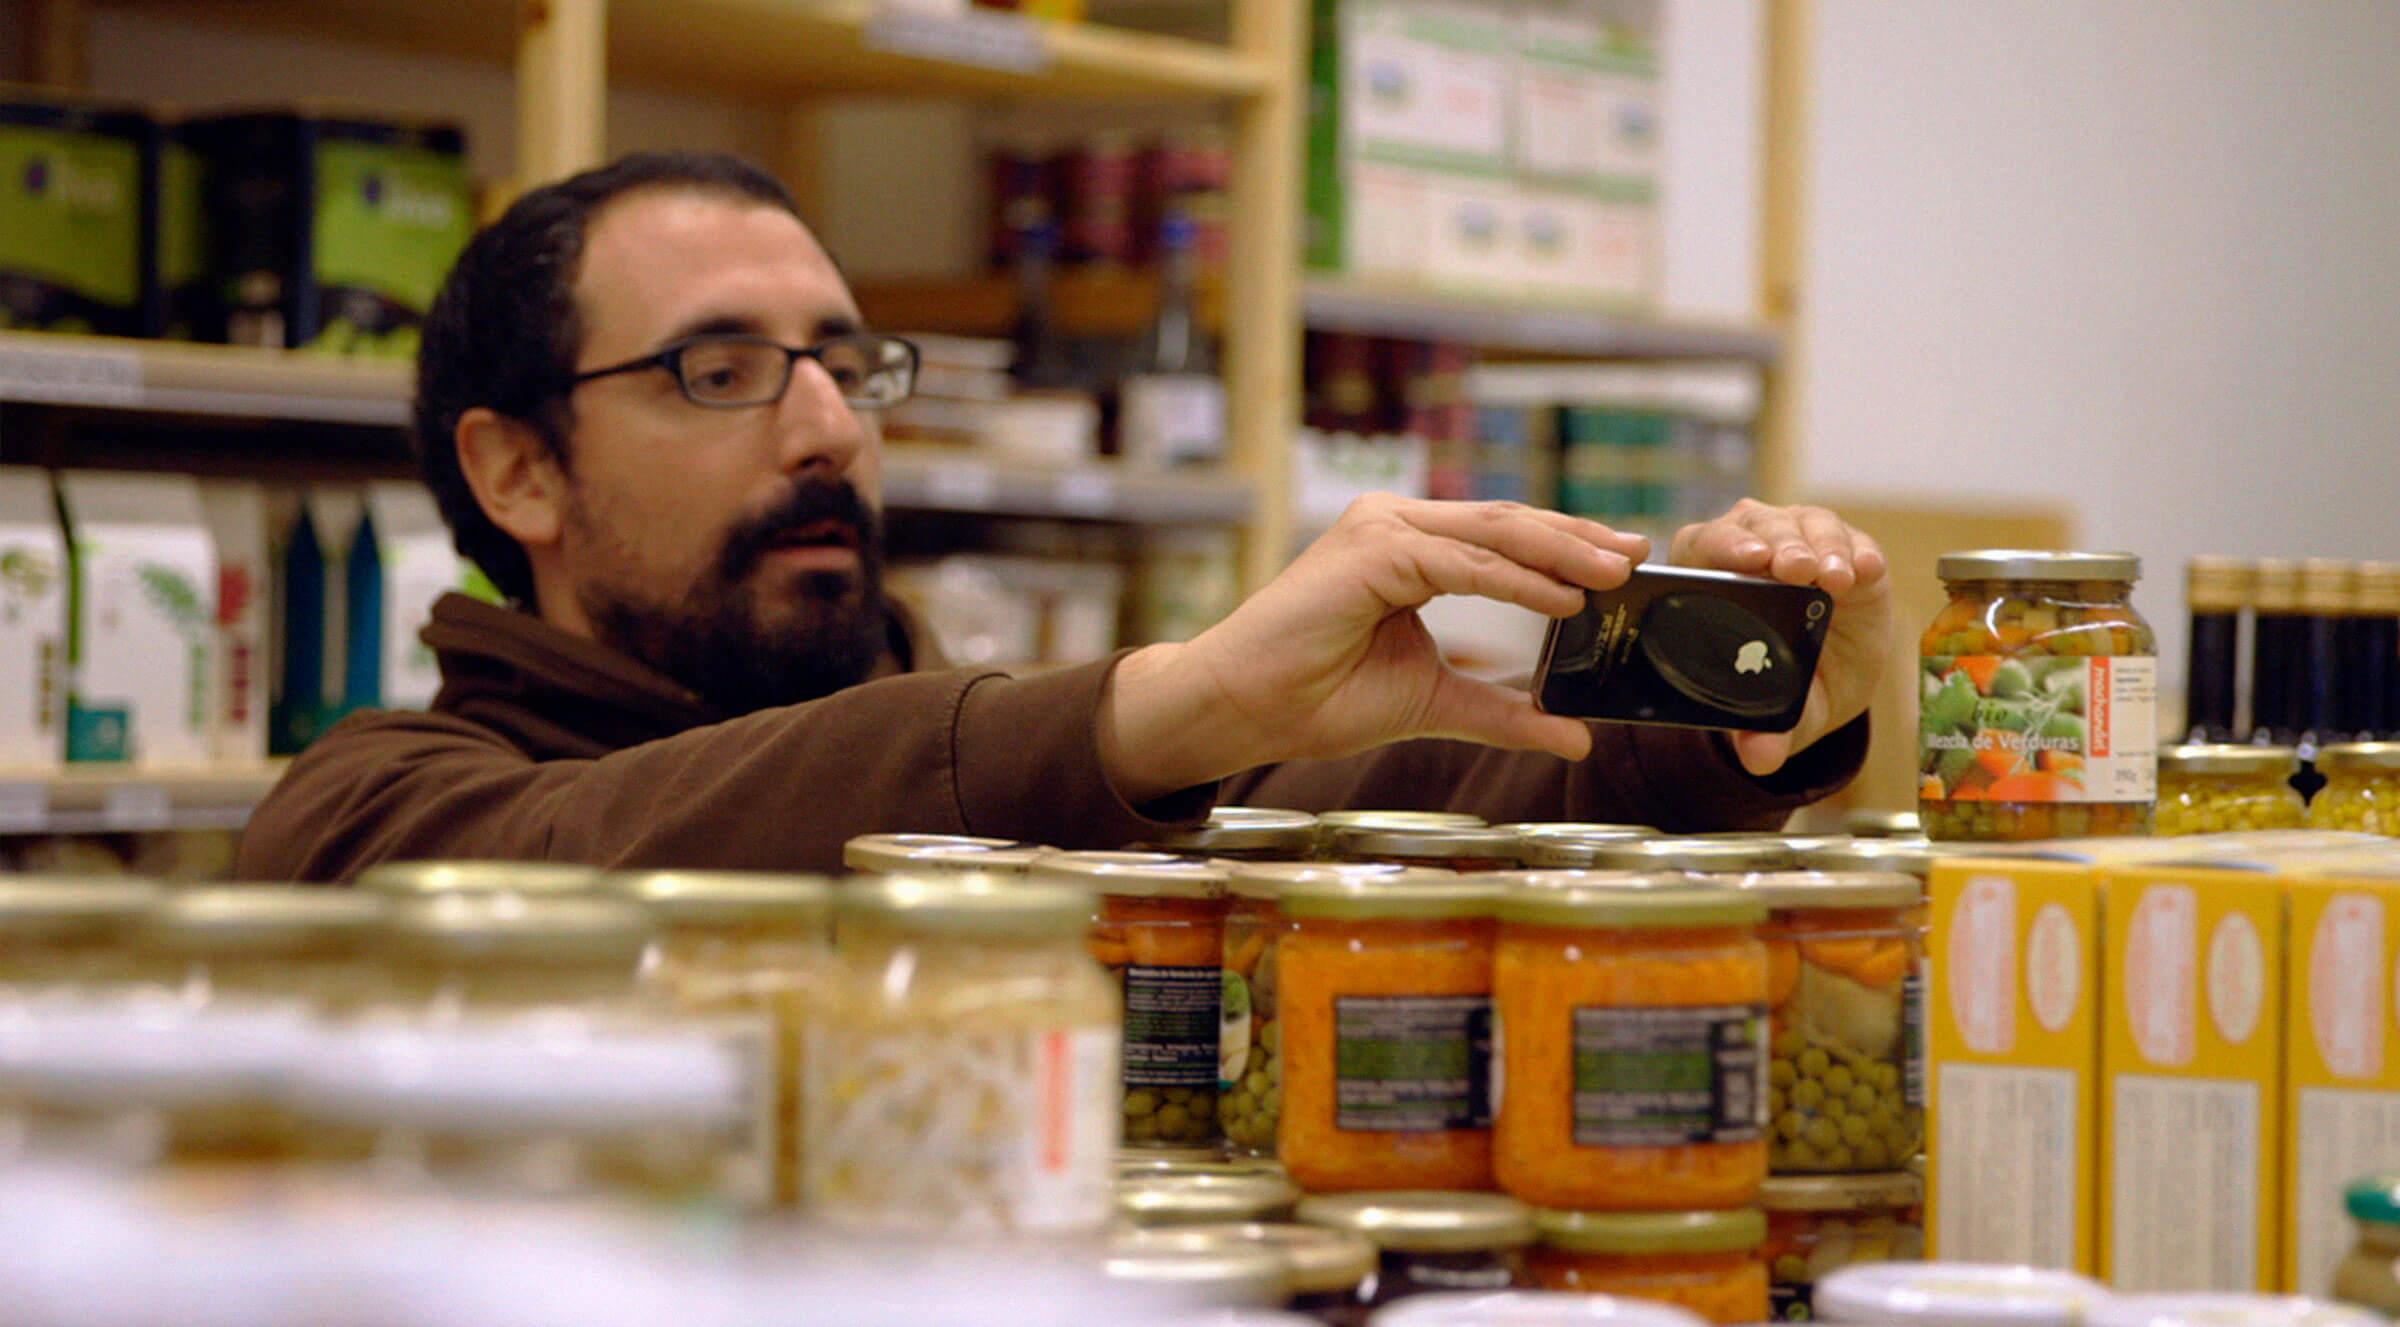 supermercado-experimental-foto-producto-comportamiento-consumidor-azti